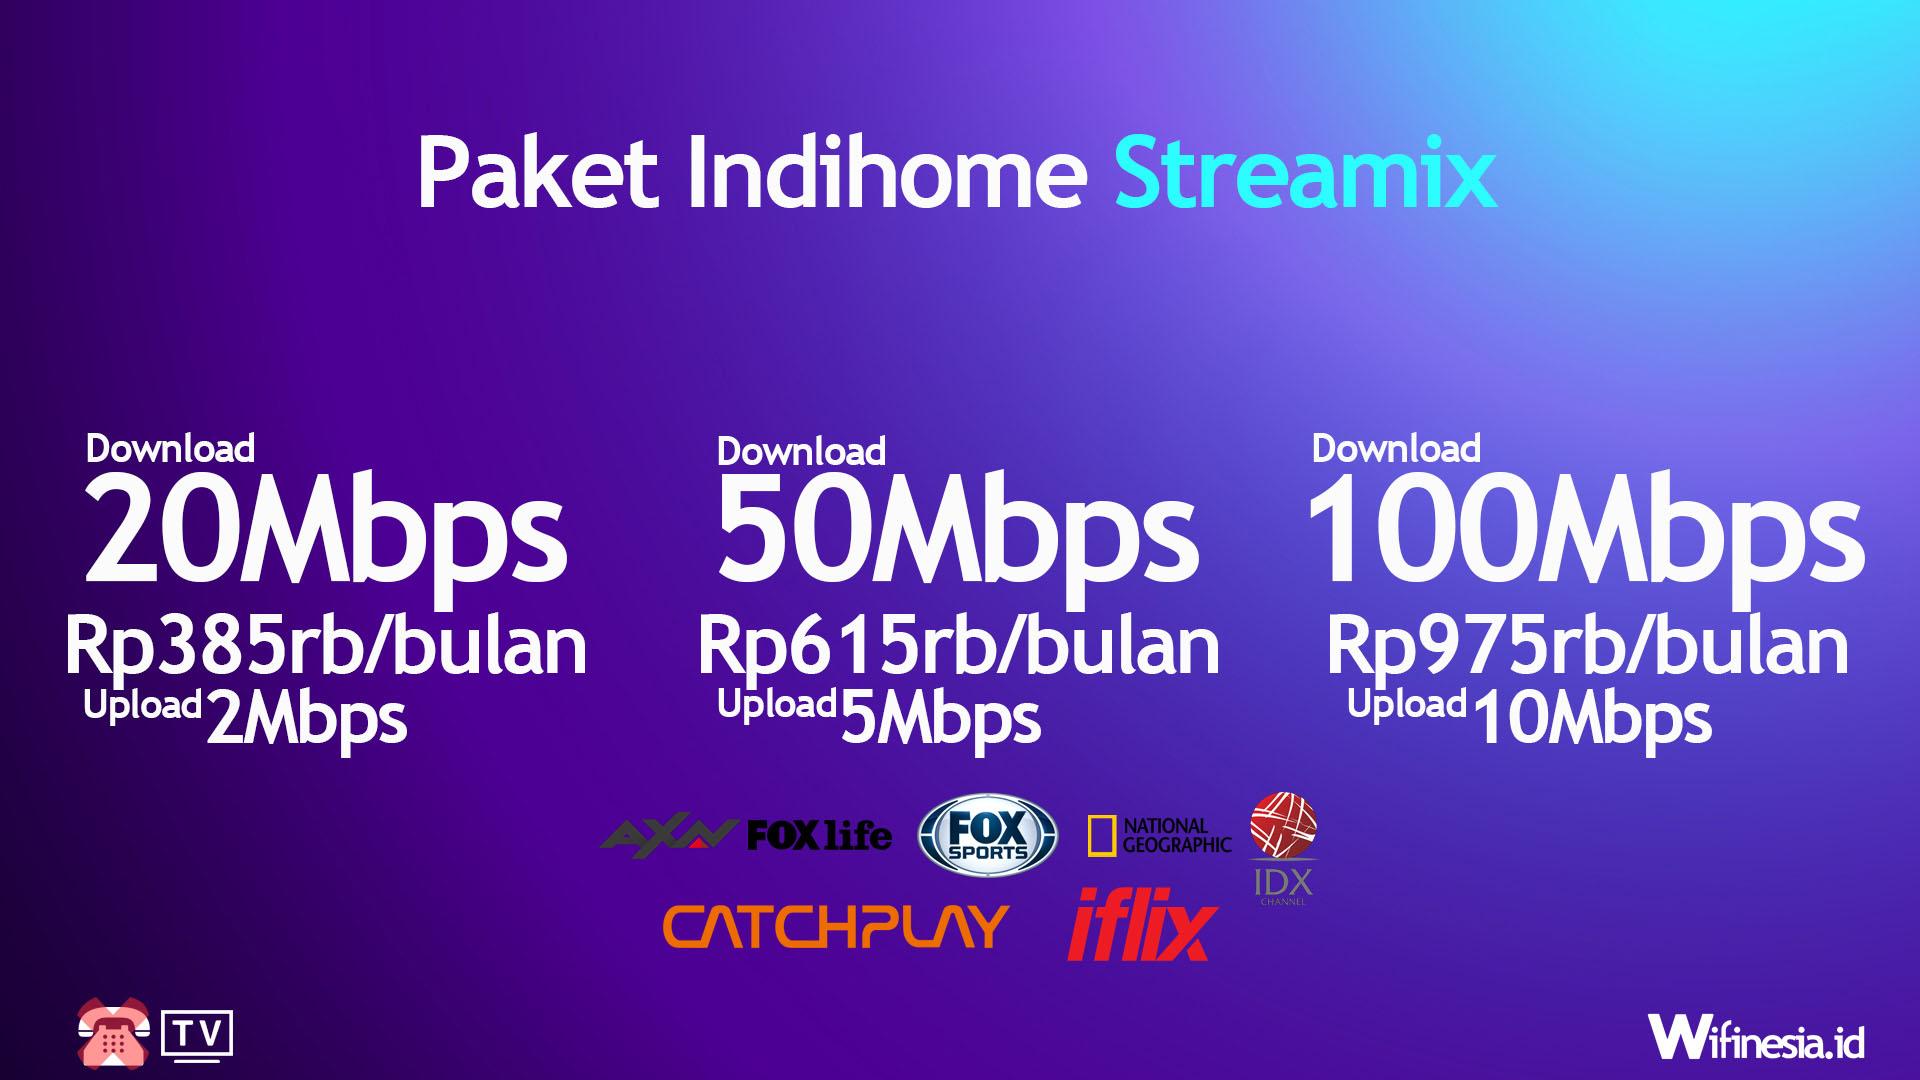 Harga Paket IndiHome Streamix